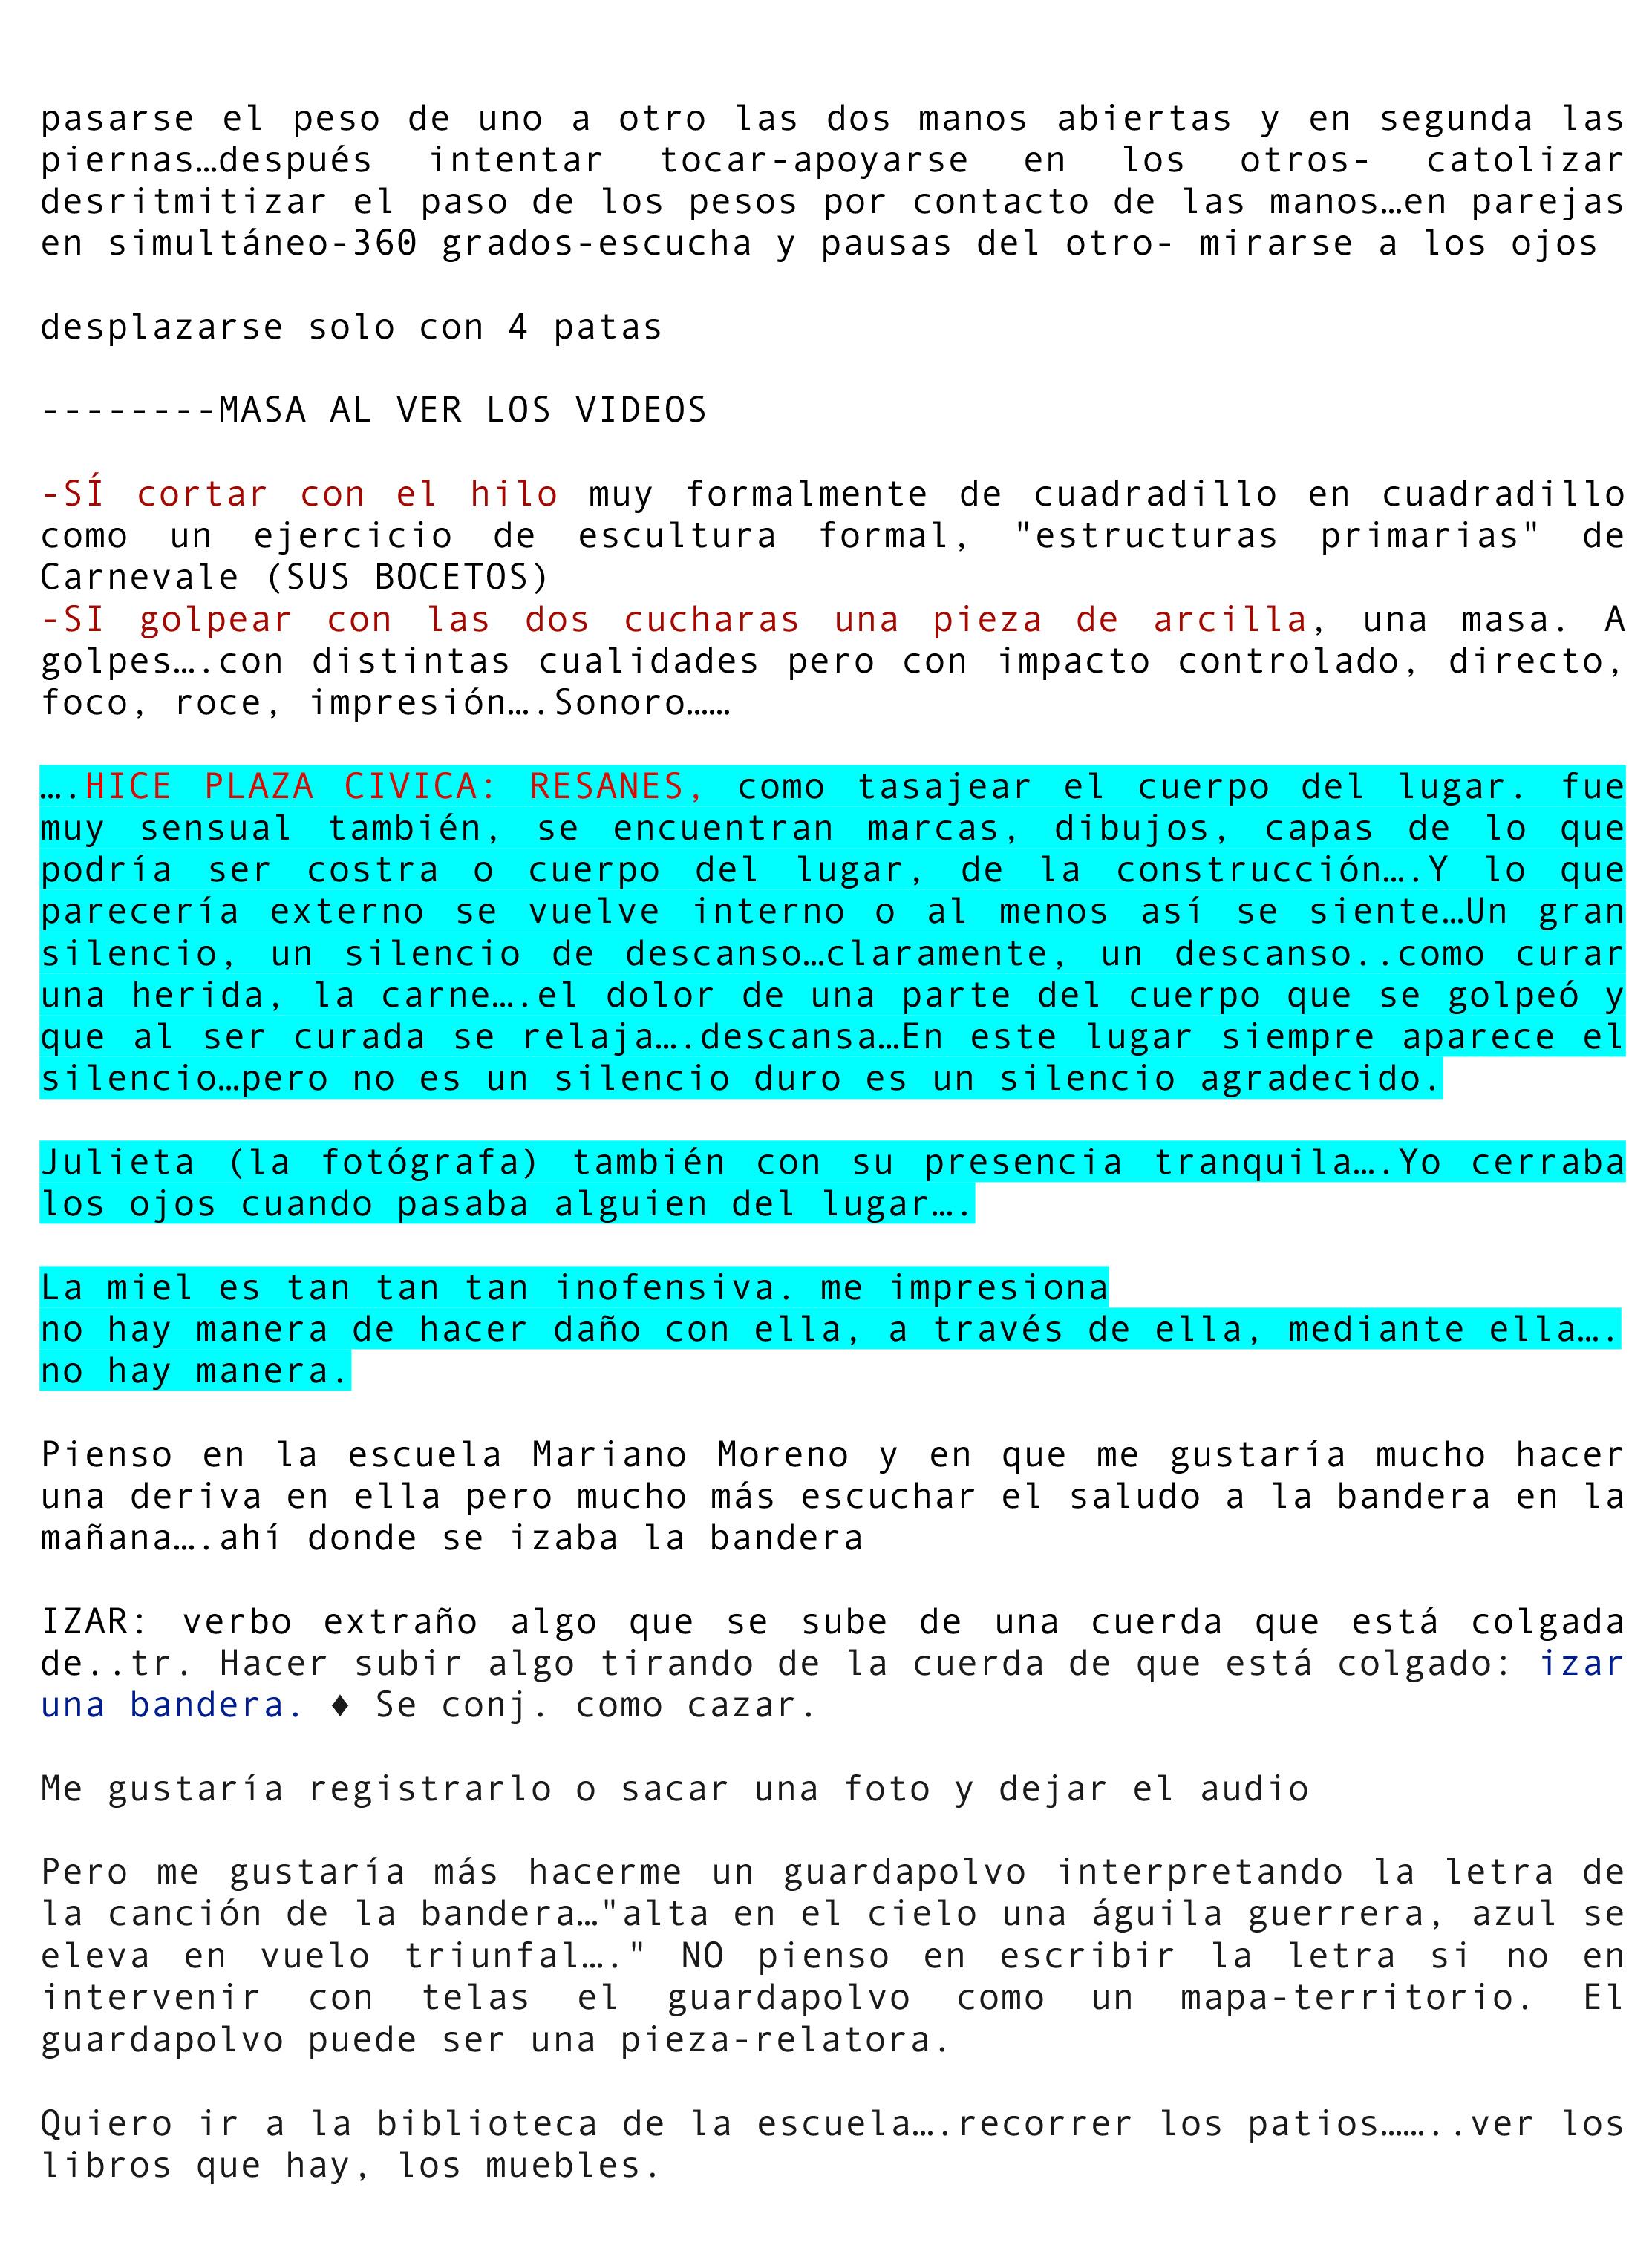 DIARIO_ARGENTINA-12.jpg